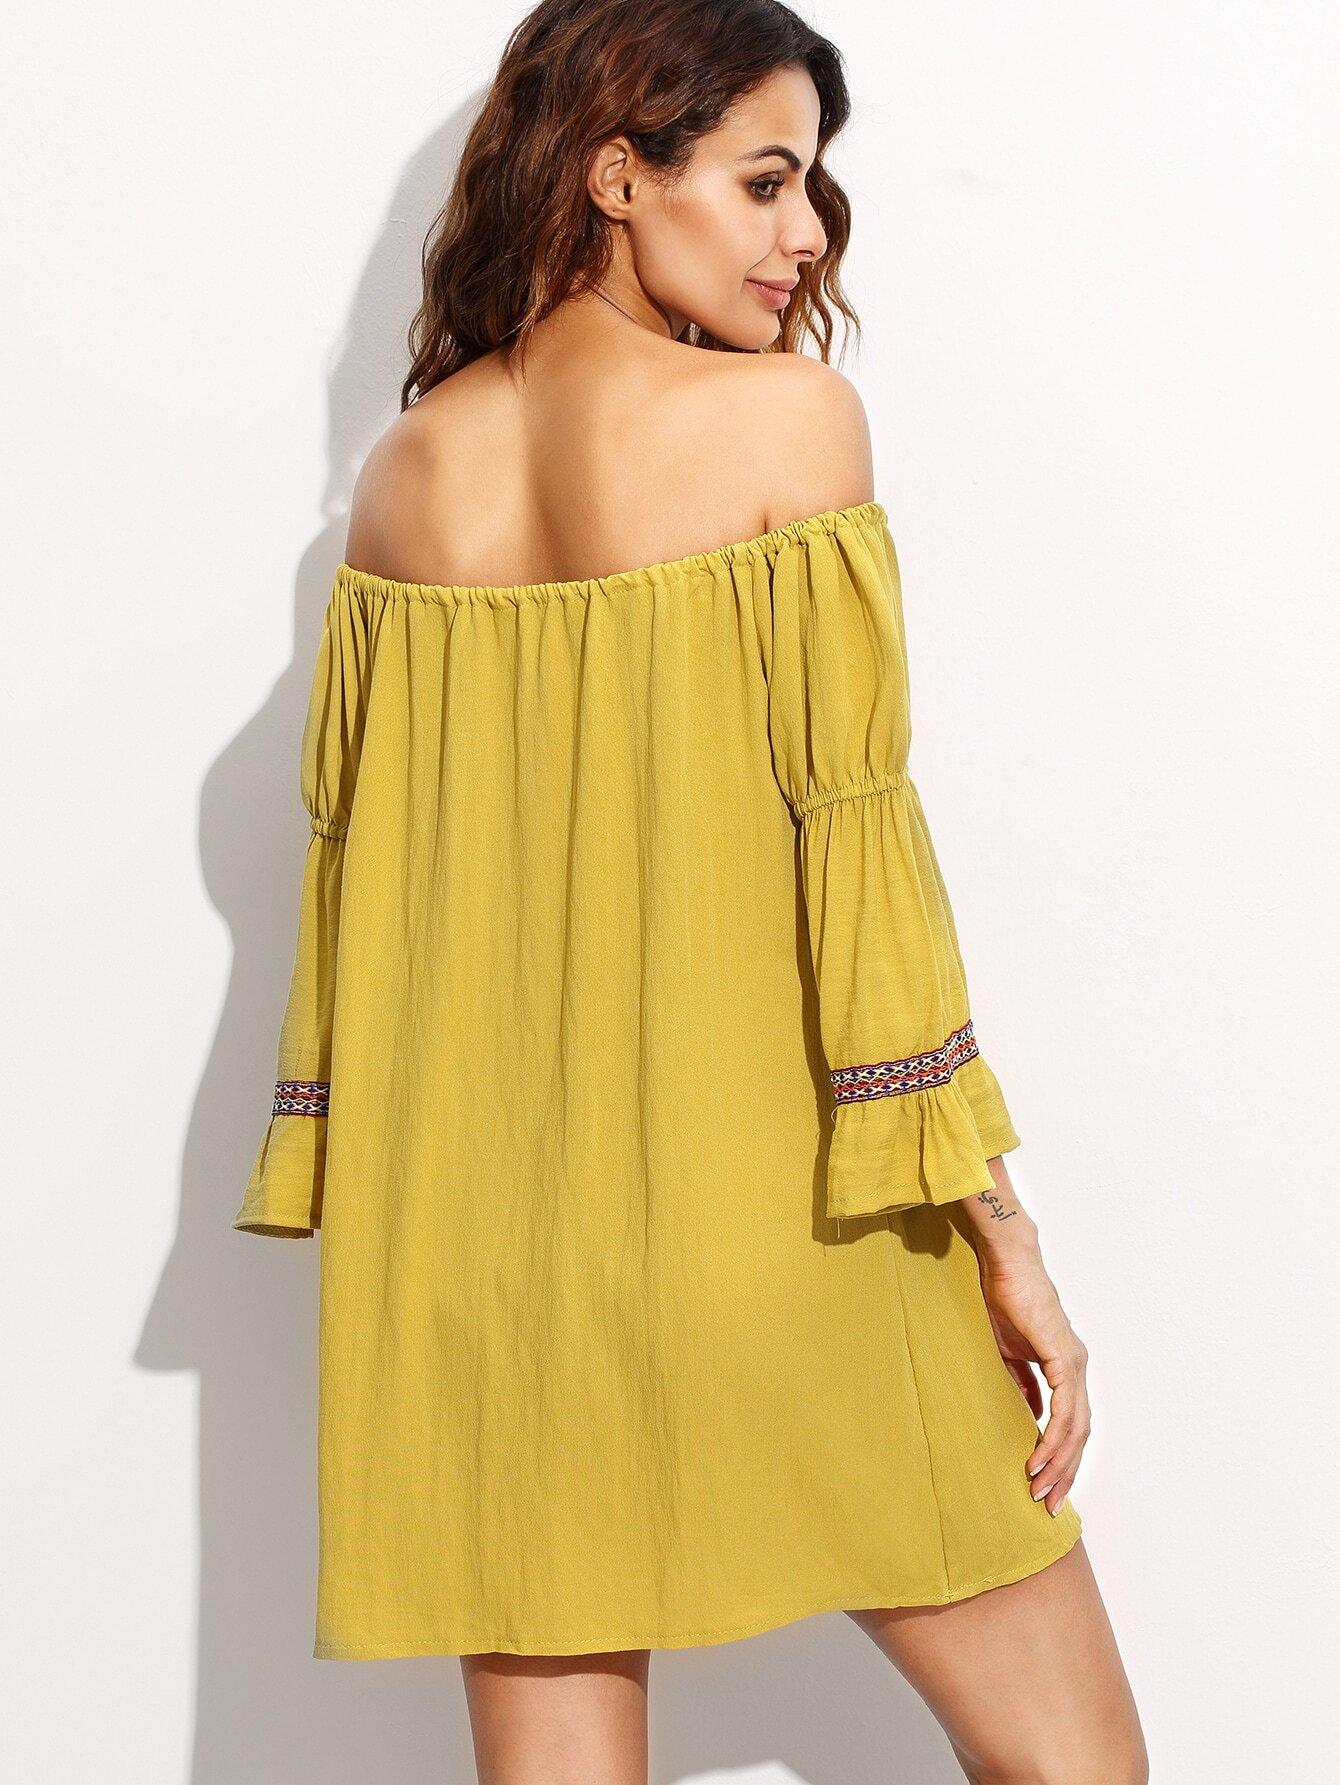 dress160805105_2